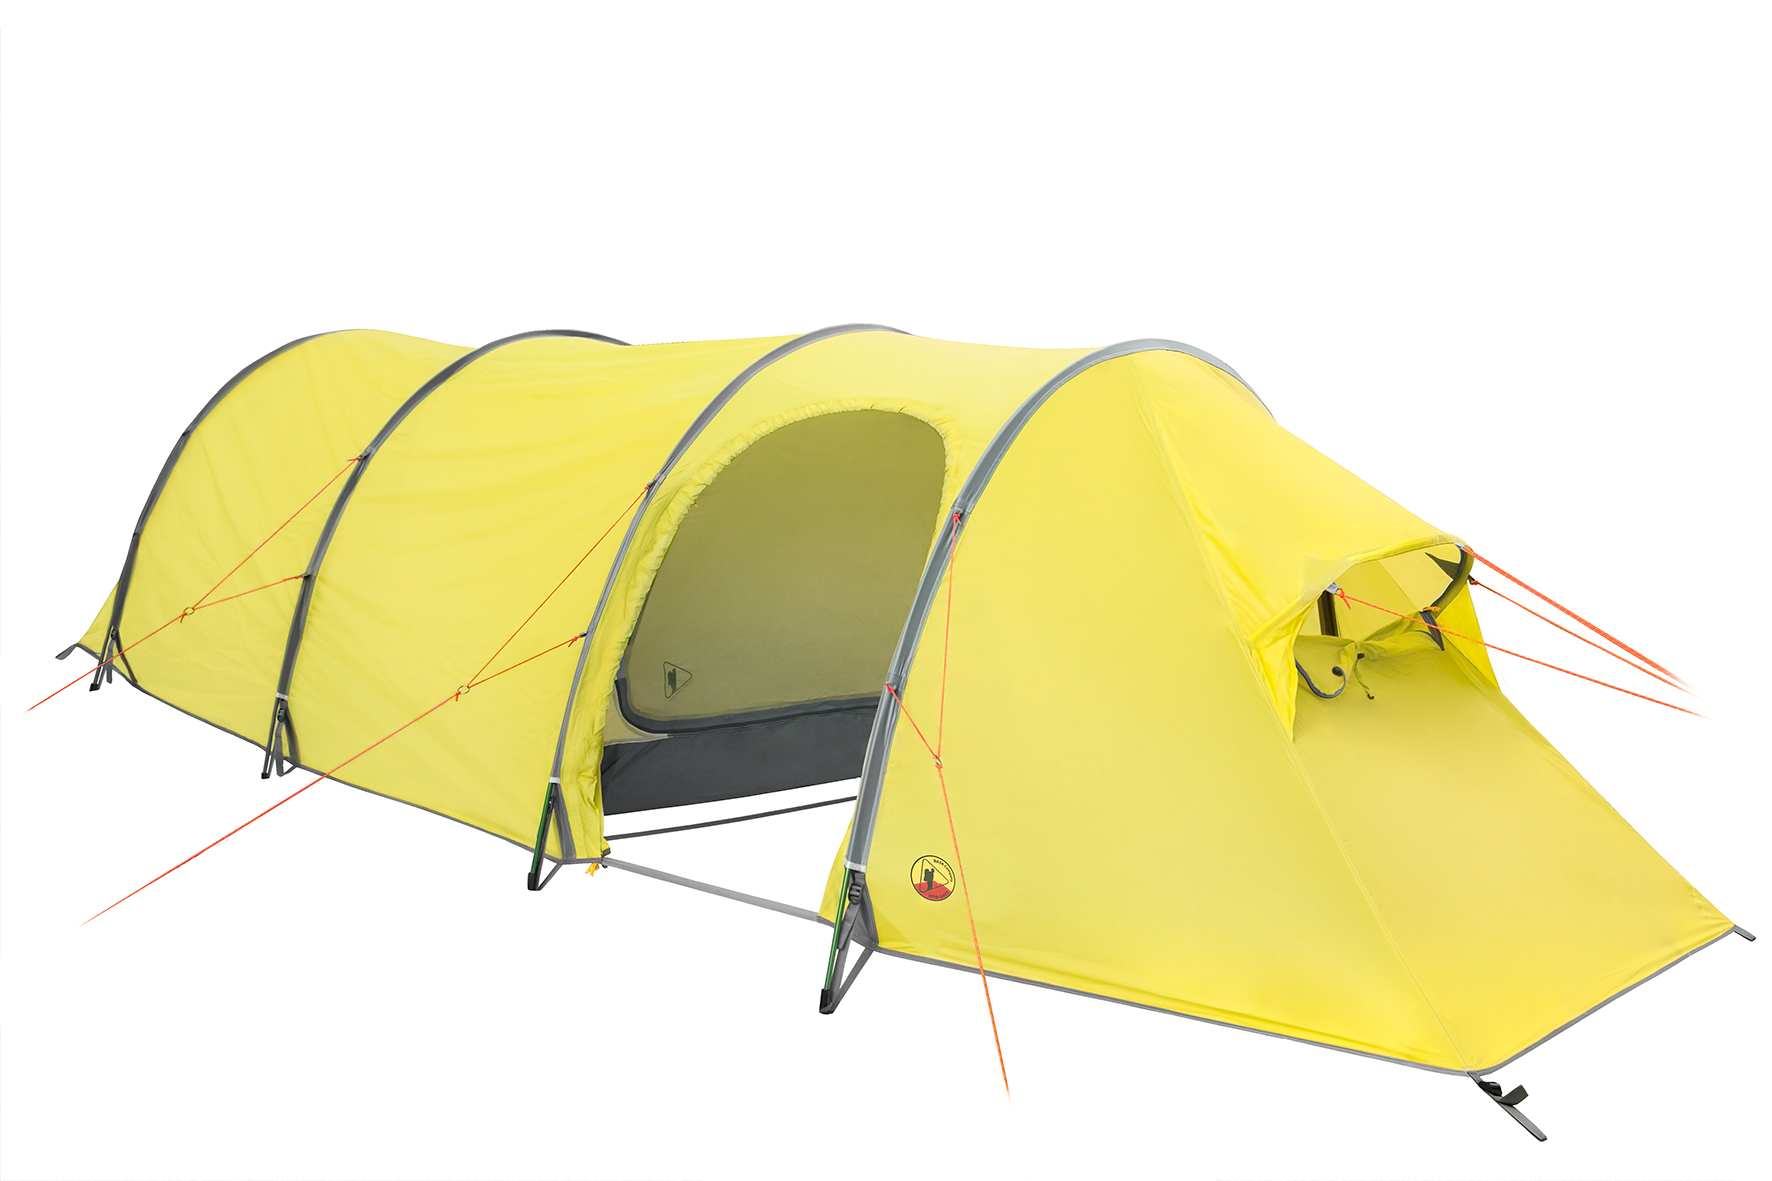 """Палатка BASK VOSTOK 3 1459Палатка предназначена для использования в условиях Арктики и Антарктики, для нижних базовых лагерей альпинистских экспедиций. Модель разработана совместно с """"Клубом 7 вершин"""".<br><br>Вентиляционные окна: 2<br>Вес (в минимальной комплектации): 4.65<br>Вес (в полной комплектации): 4.9<br>Ветрозащитные юбки: Нет<br>Внутренние карманы и петельки для мелочей: Да<br>Водостойкость дна: 6000<br>Водостойкость тента: 4000<br>Диаметр стоек каркаса: 9.5<br>Количество входов: 2<br>Количество мест: 3<br>Количество оттяжек: 4<br>Количество стоек каркаса: 4<br>Материал внешнего тента: 40D Nylon RipStop 240T SI/PU 4 000 мм, W/R<br>Материал внутренней палатки: 40D Nylon Ripstop 240T BR, W/R<br>Материал дна: 70D Nylon Taffeta 210T PU 6000 мм, W/R<br>Материал каркаса: диаметр 9.5 мм, DAC AL7001-T6<br>Назначение: экспедиционная<br>Обработка ткани палатки: Водоотталкивающая пропитка (W/R), дышащая<br>Обработка ткани тента: PU (внутренняя поверхность покрыта полиуретаном)<br>Подвесная полка: Да<br>Проклейка швов: Да<br>Противо москитная сетка: Да<br>Размер в упакованом виде: 25x60<br>Способ установки: тент и внутренняя палатка устанавливаются одновременно<br>Тип входа: на молнии<br>Цвет: ЗЕЛЕНЫЙ"""